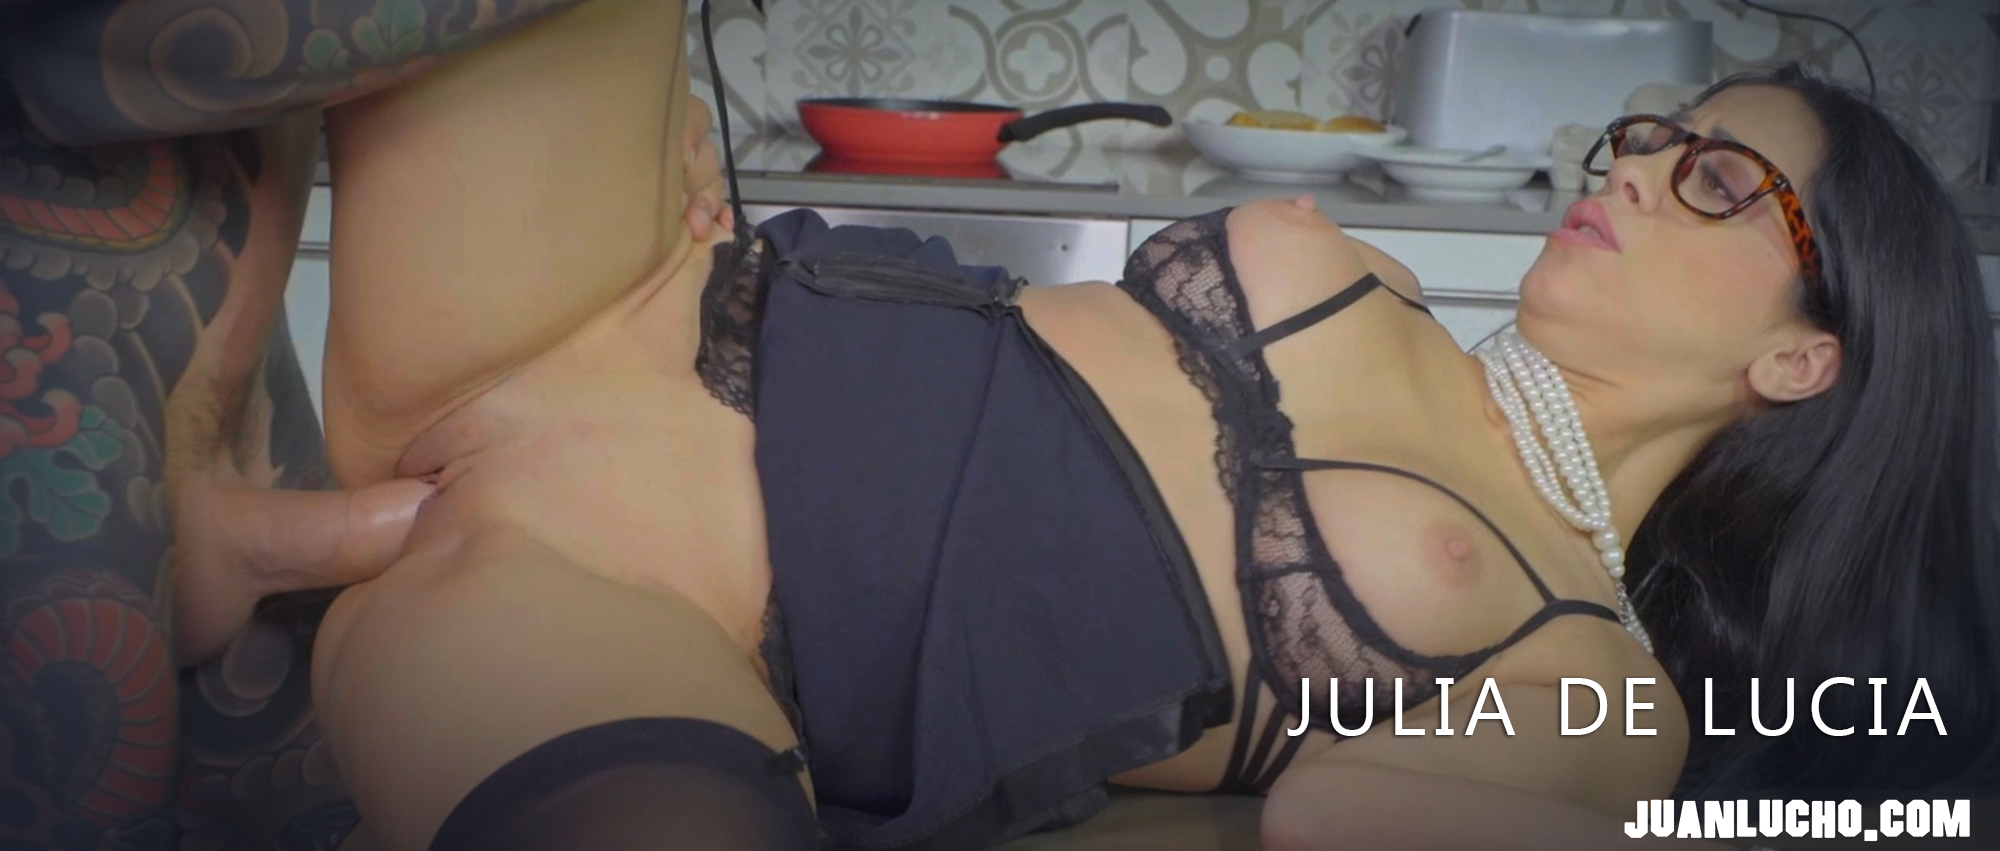 Aitor Actor Porno juan lucho — actor porno juan lucho - videos porno sexo xxx